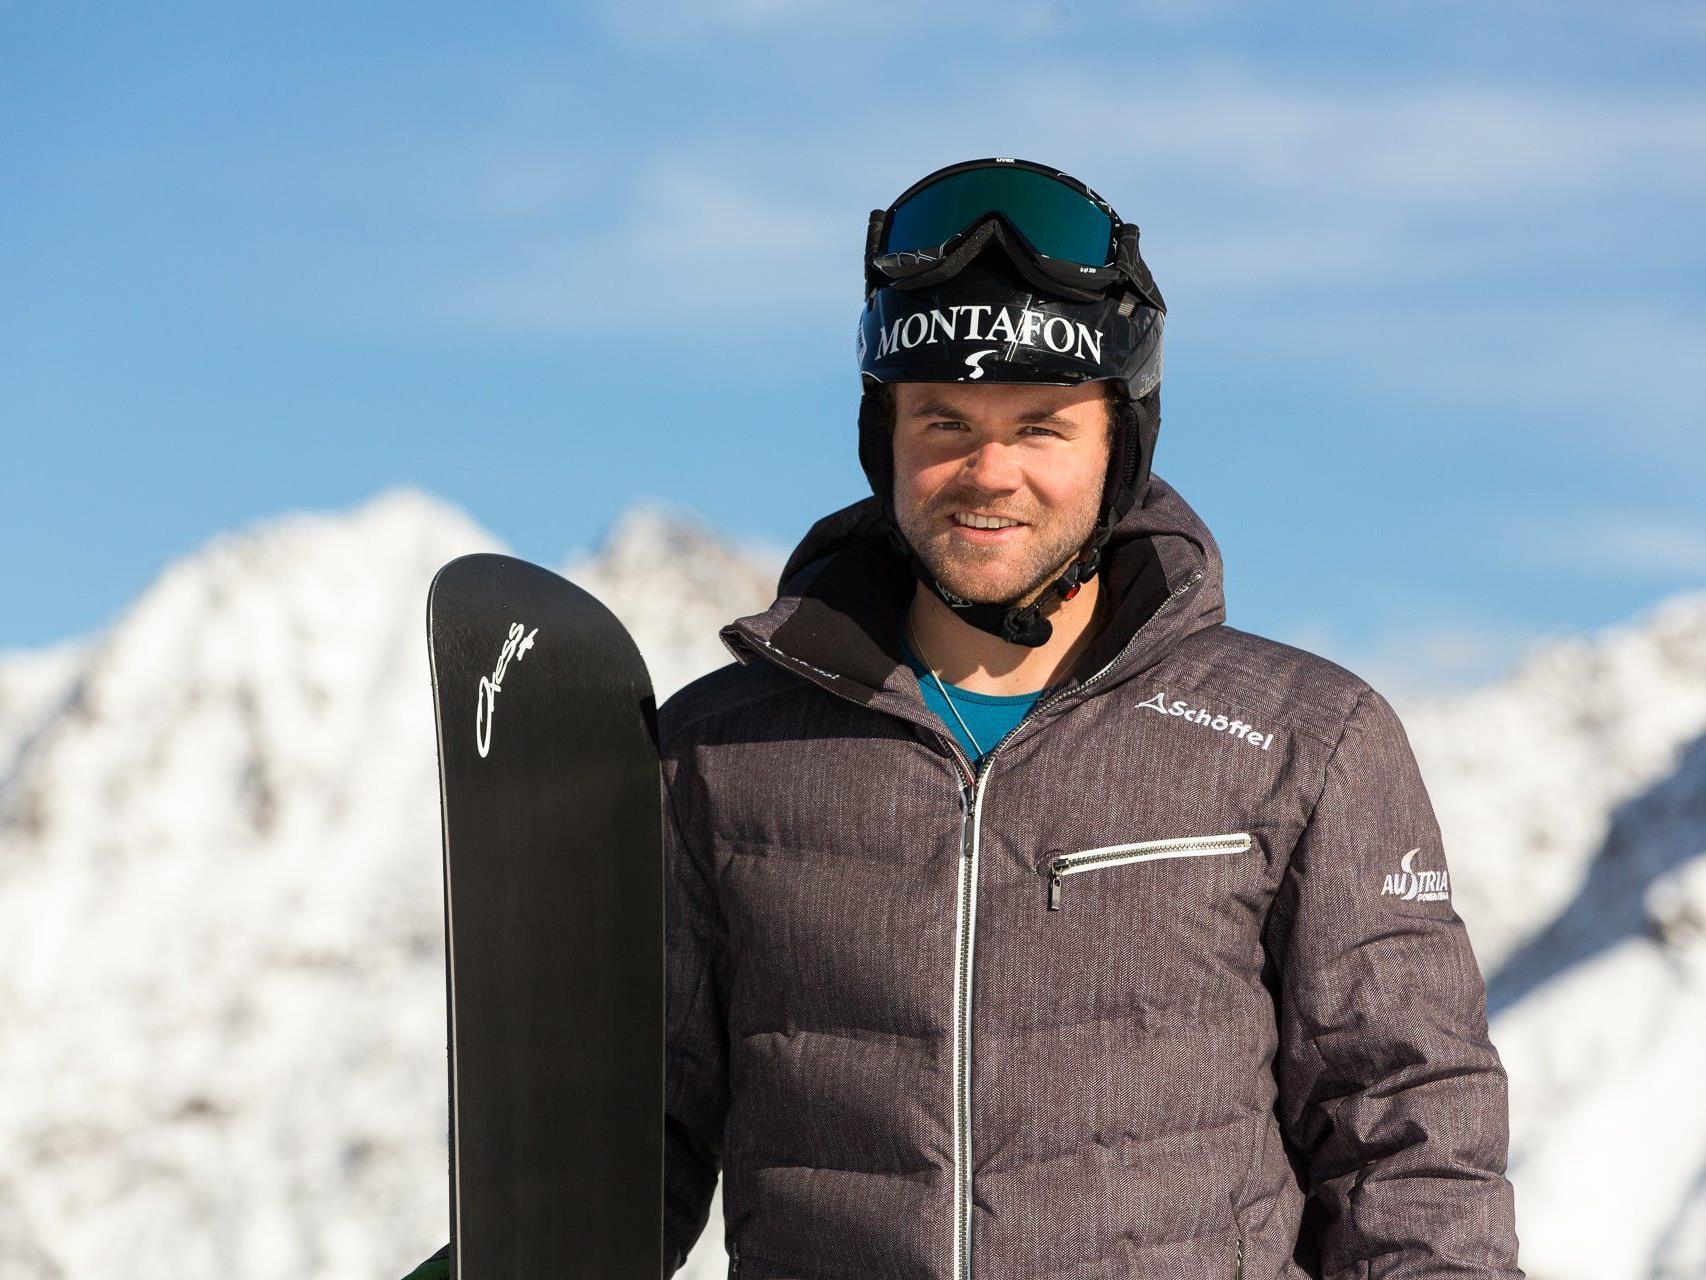 Hohe Erwartungen für das Finale am Freitag, 24. Jänner: Markus Schairer in Aspen.